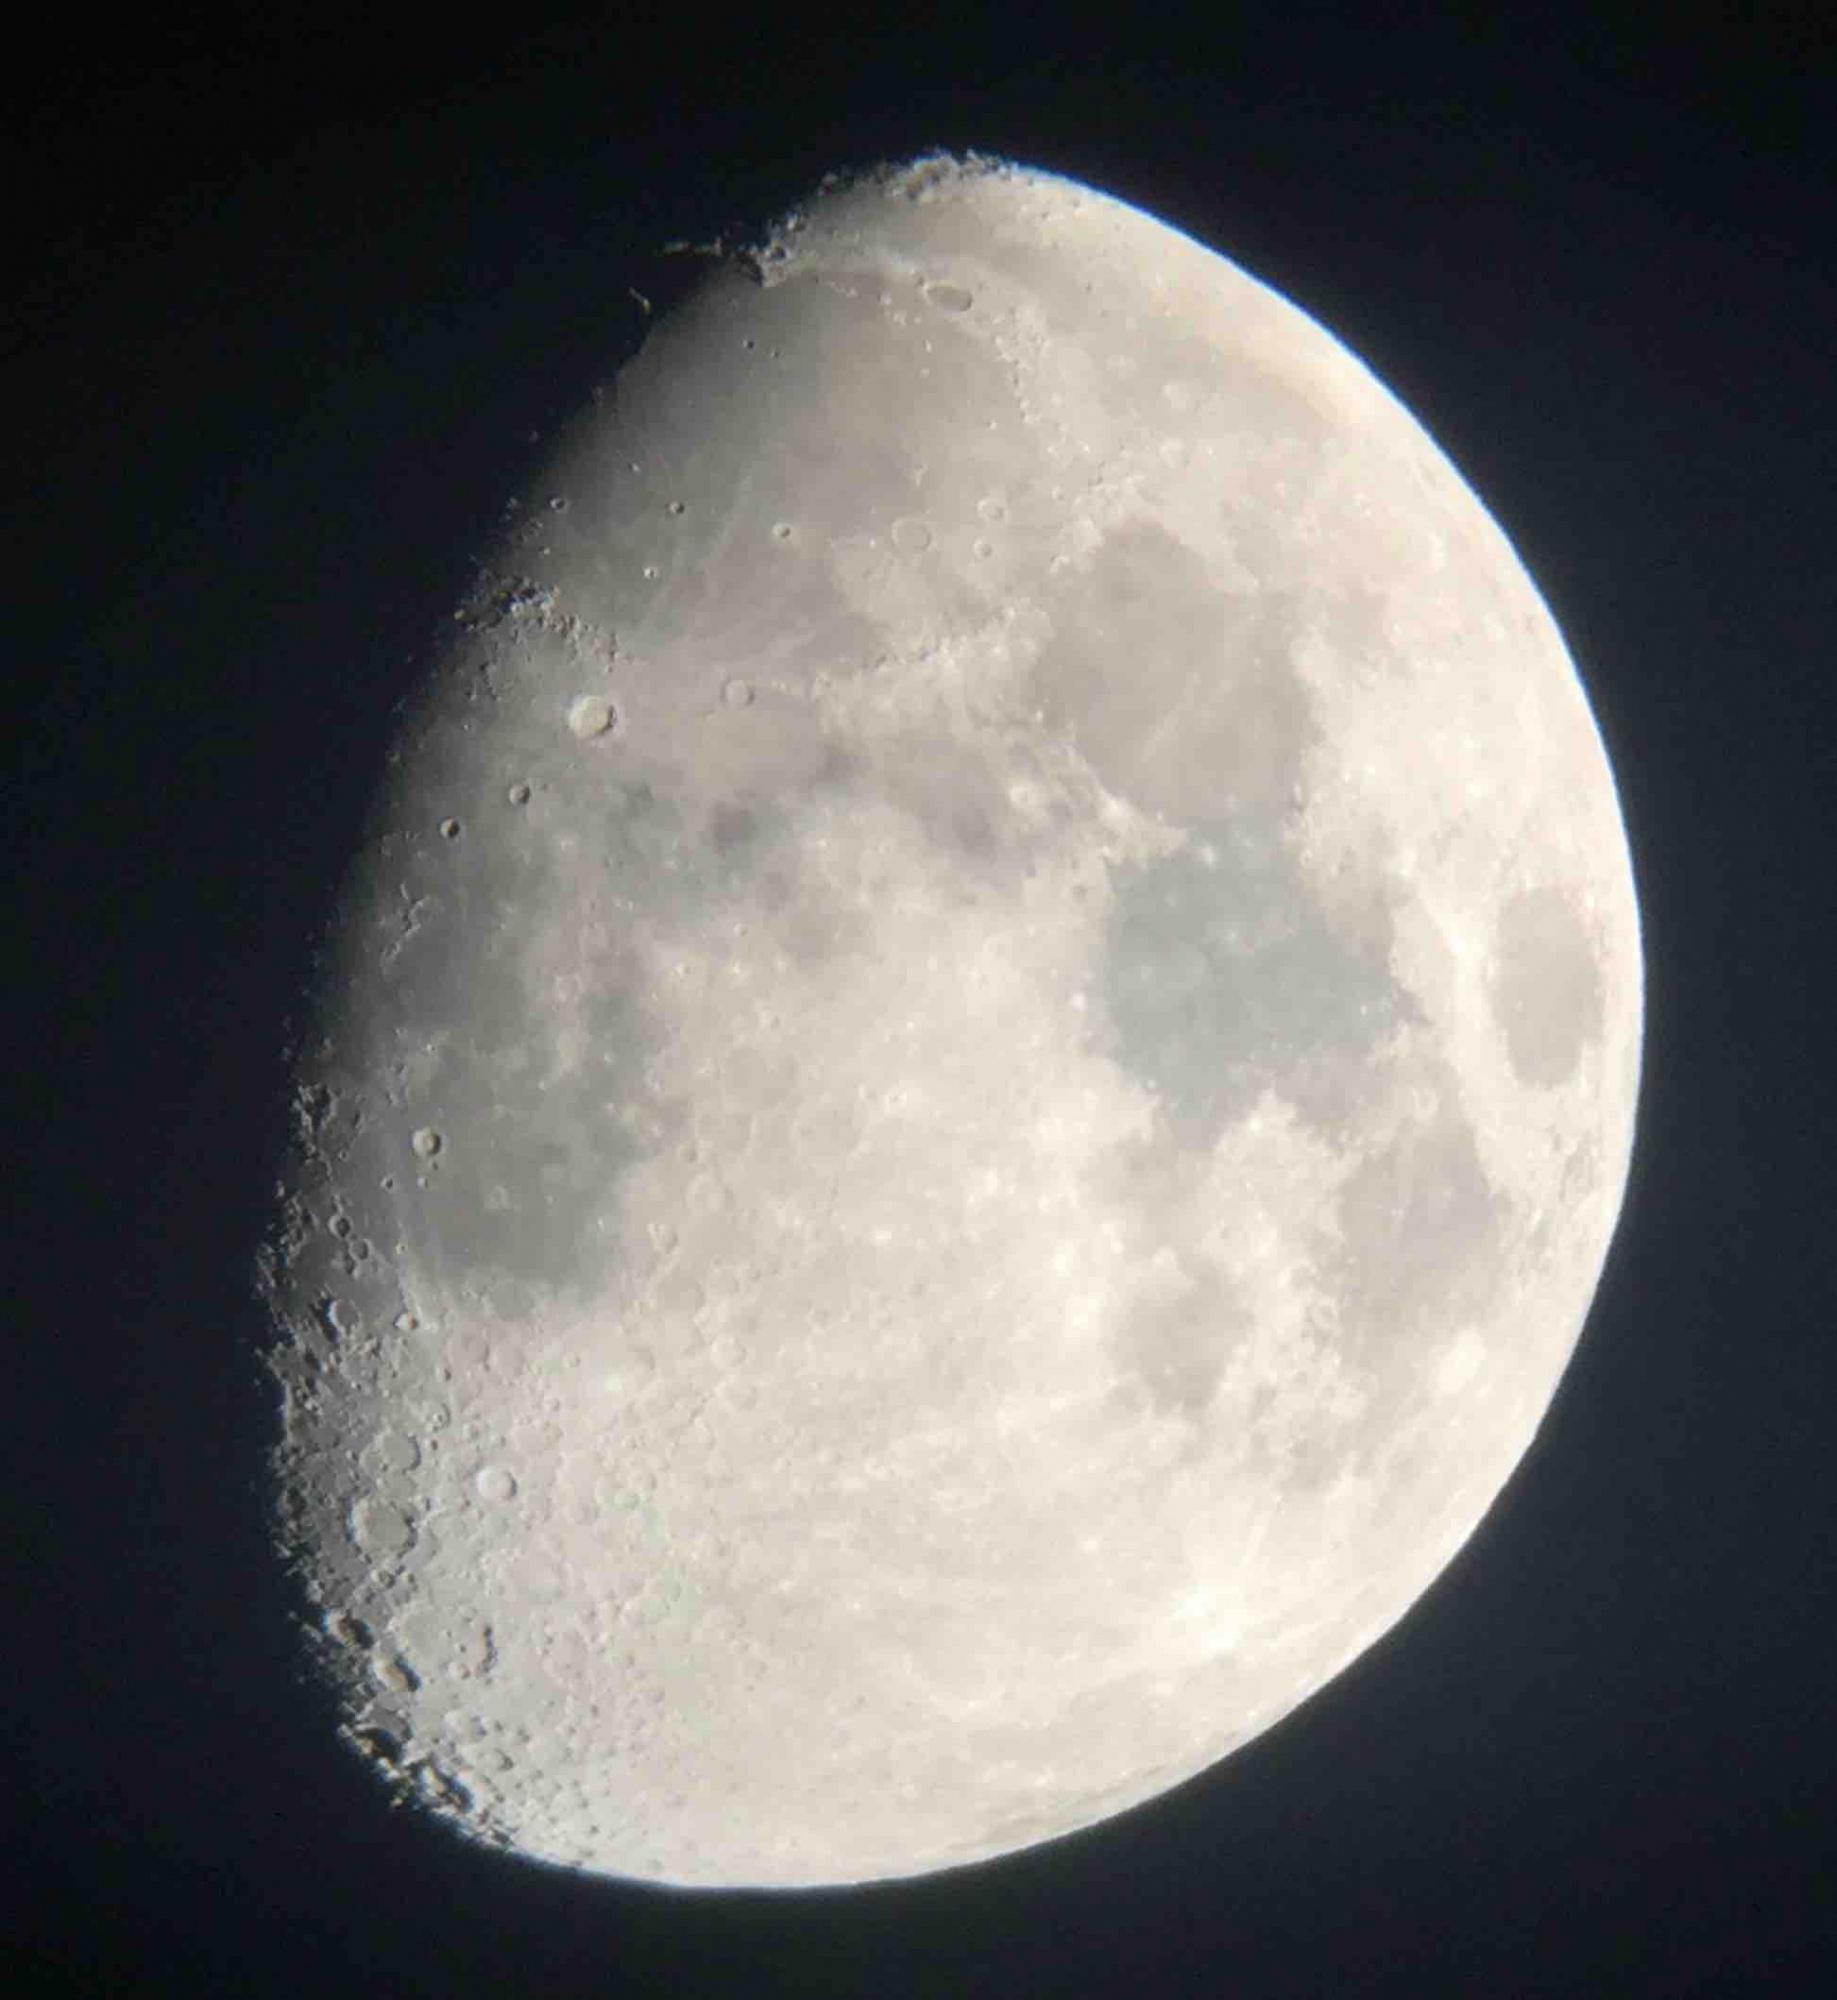 lune.thumb.jpg.1a21723c022a31a25137e1059864a4f8.jpg